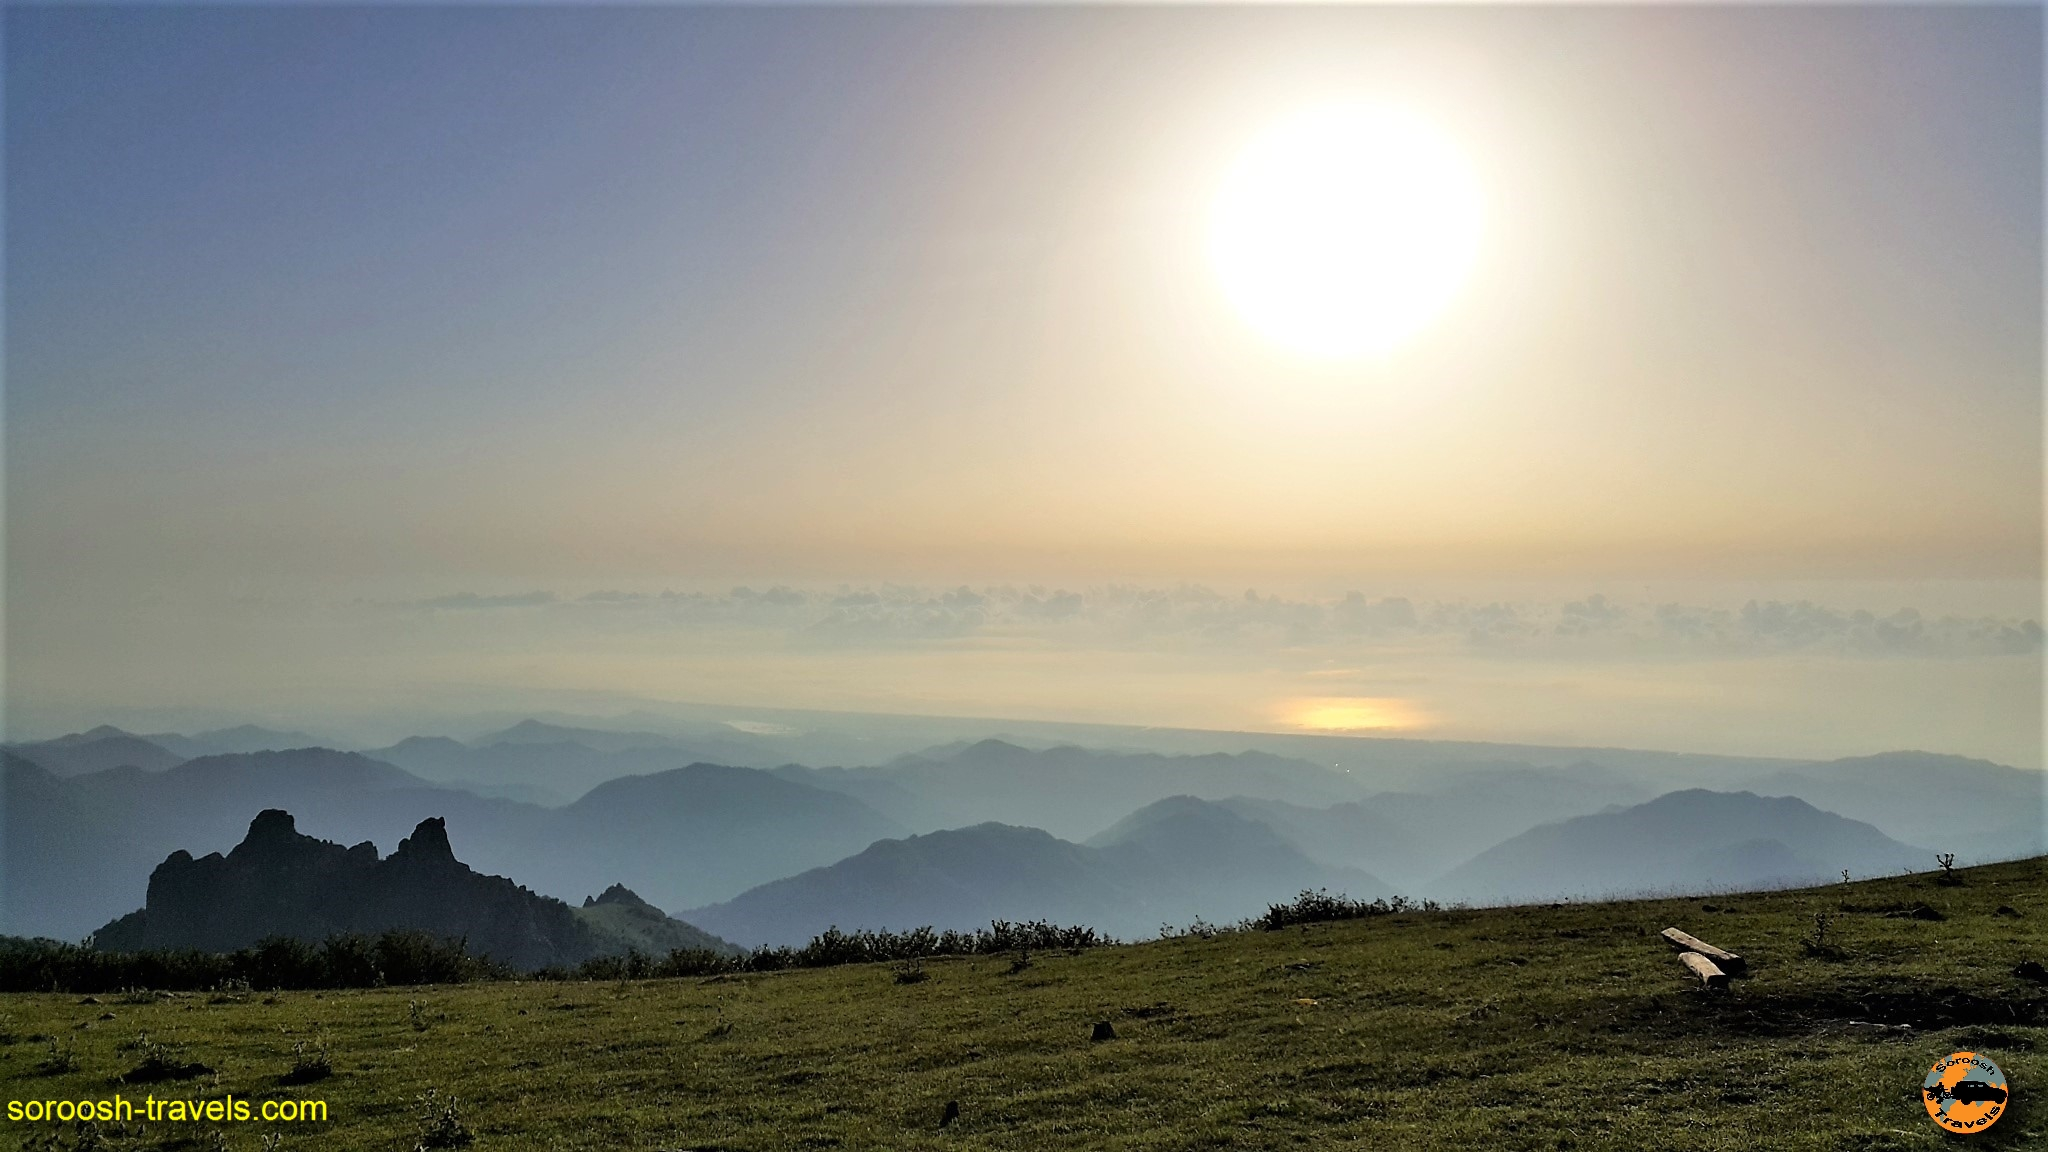 چادر زدن بر فراز ابرها - تابستان ۱۳۹۶